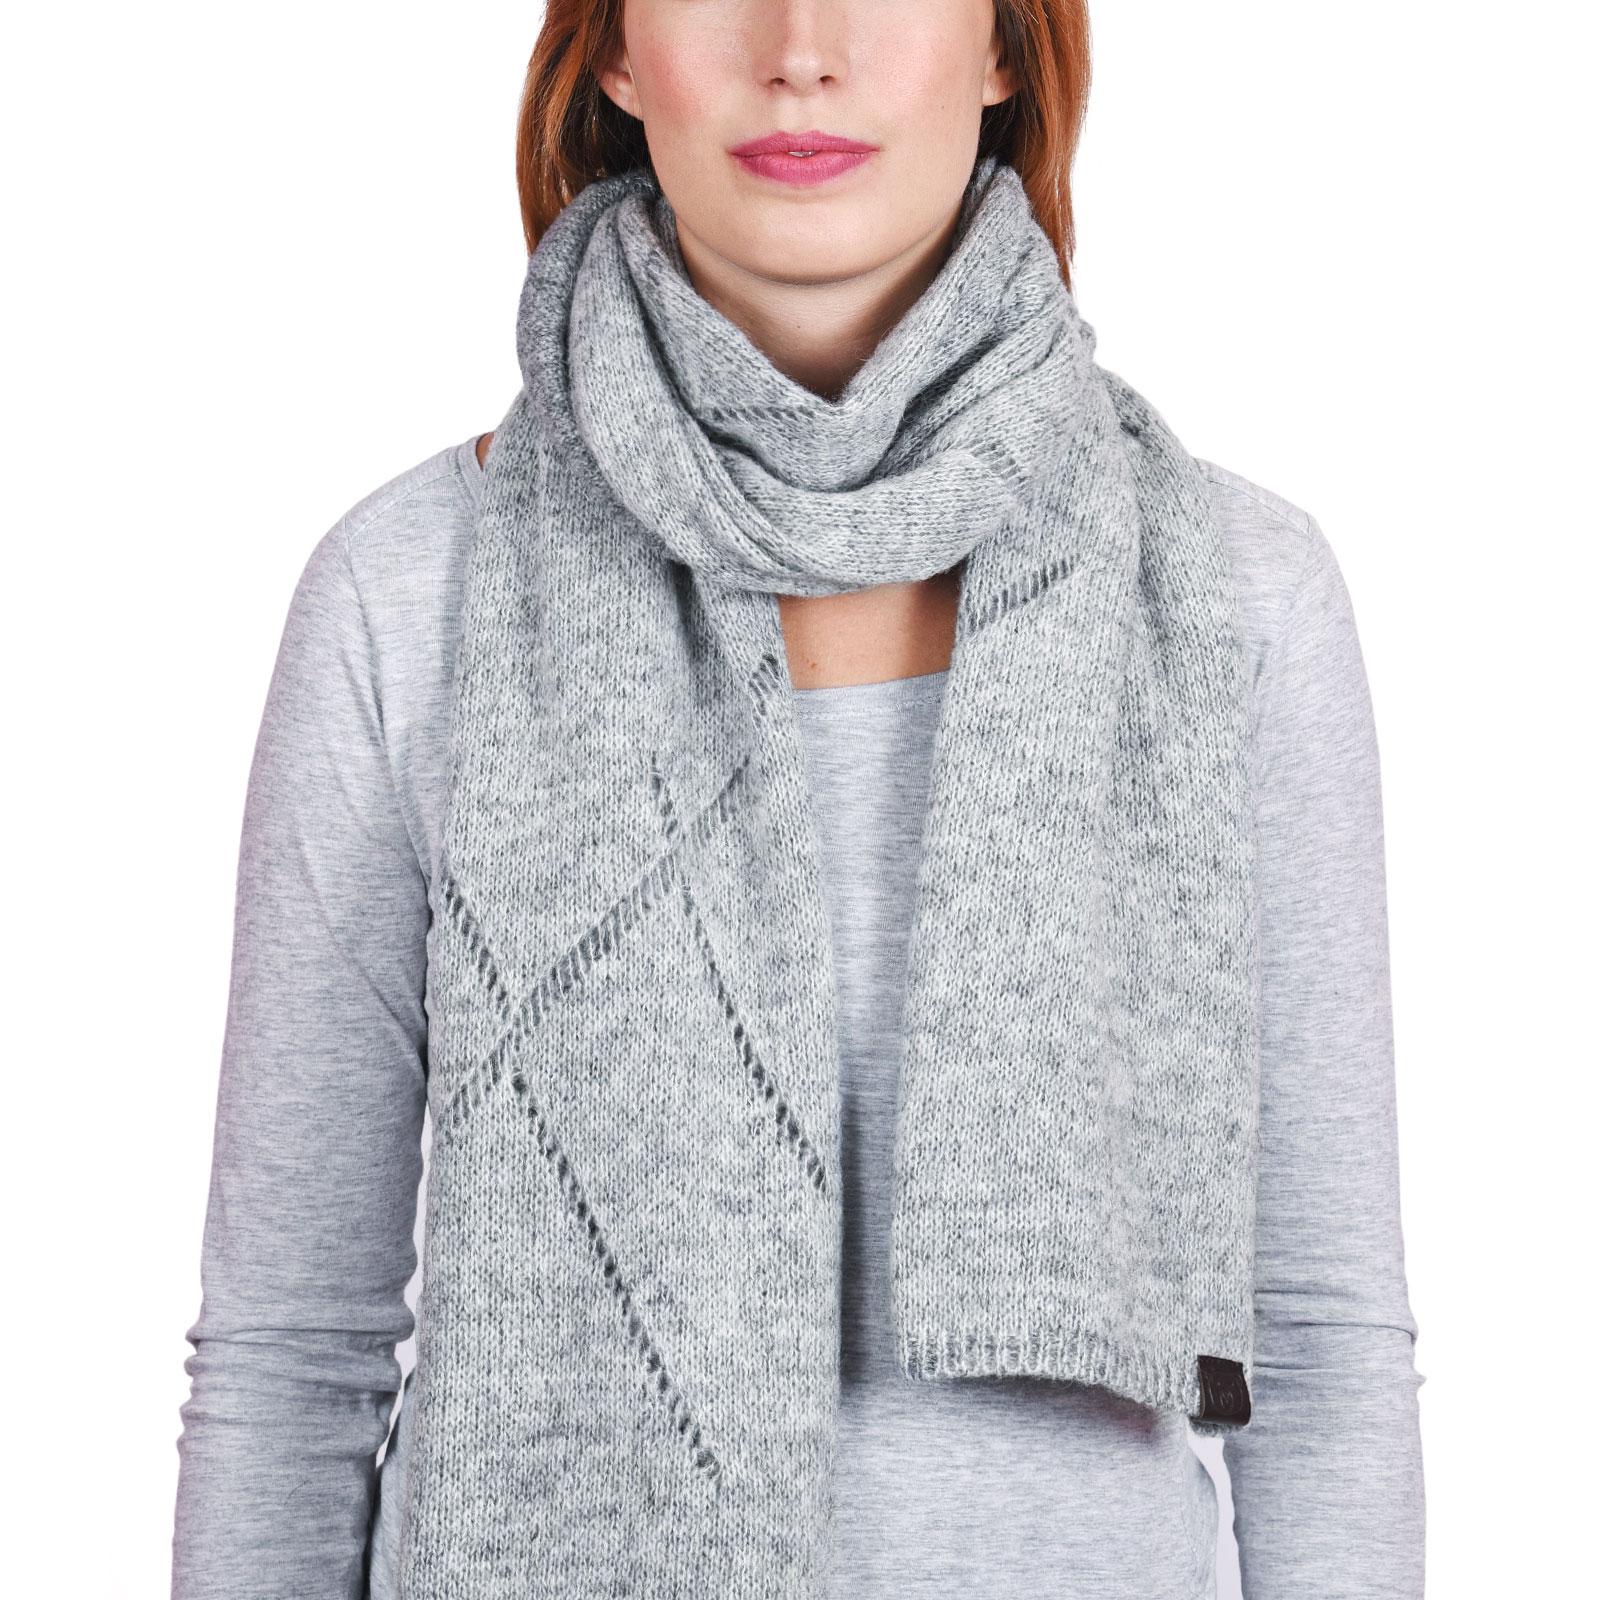 AT-04561-VF16-P-echarpe-femme-laine-hiver-gris-acier